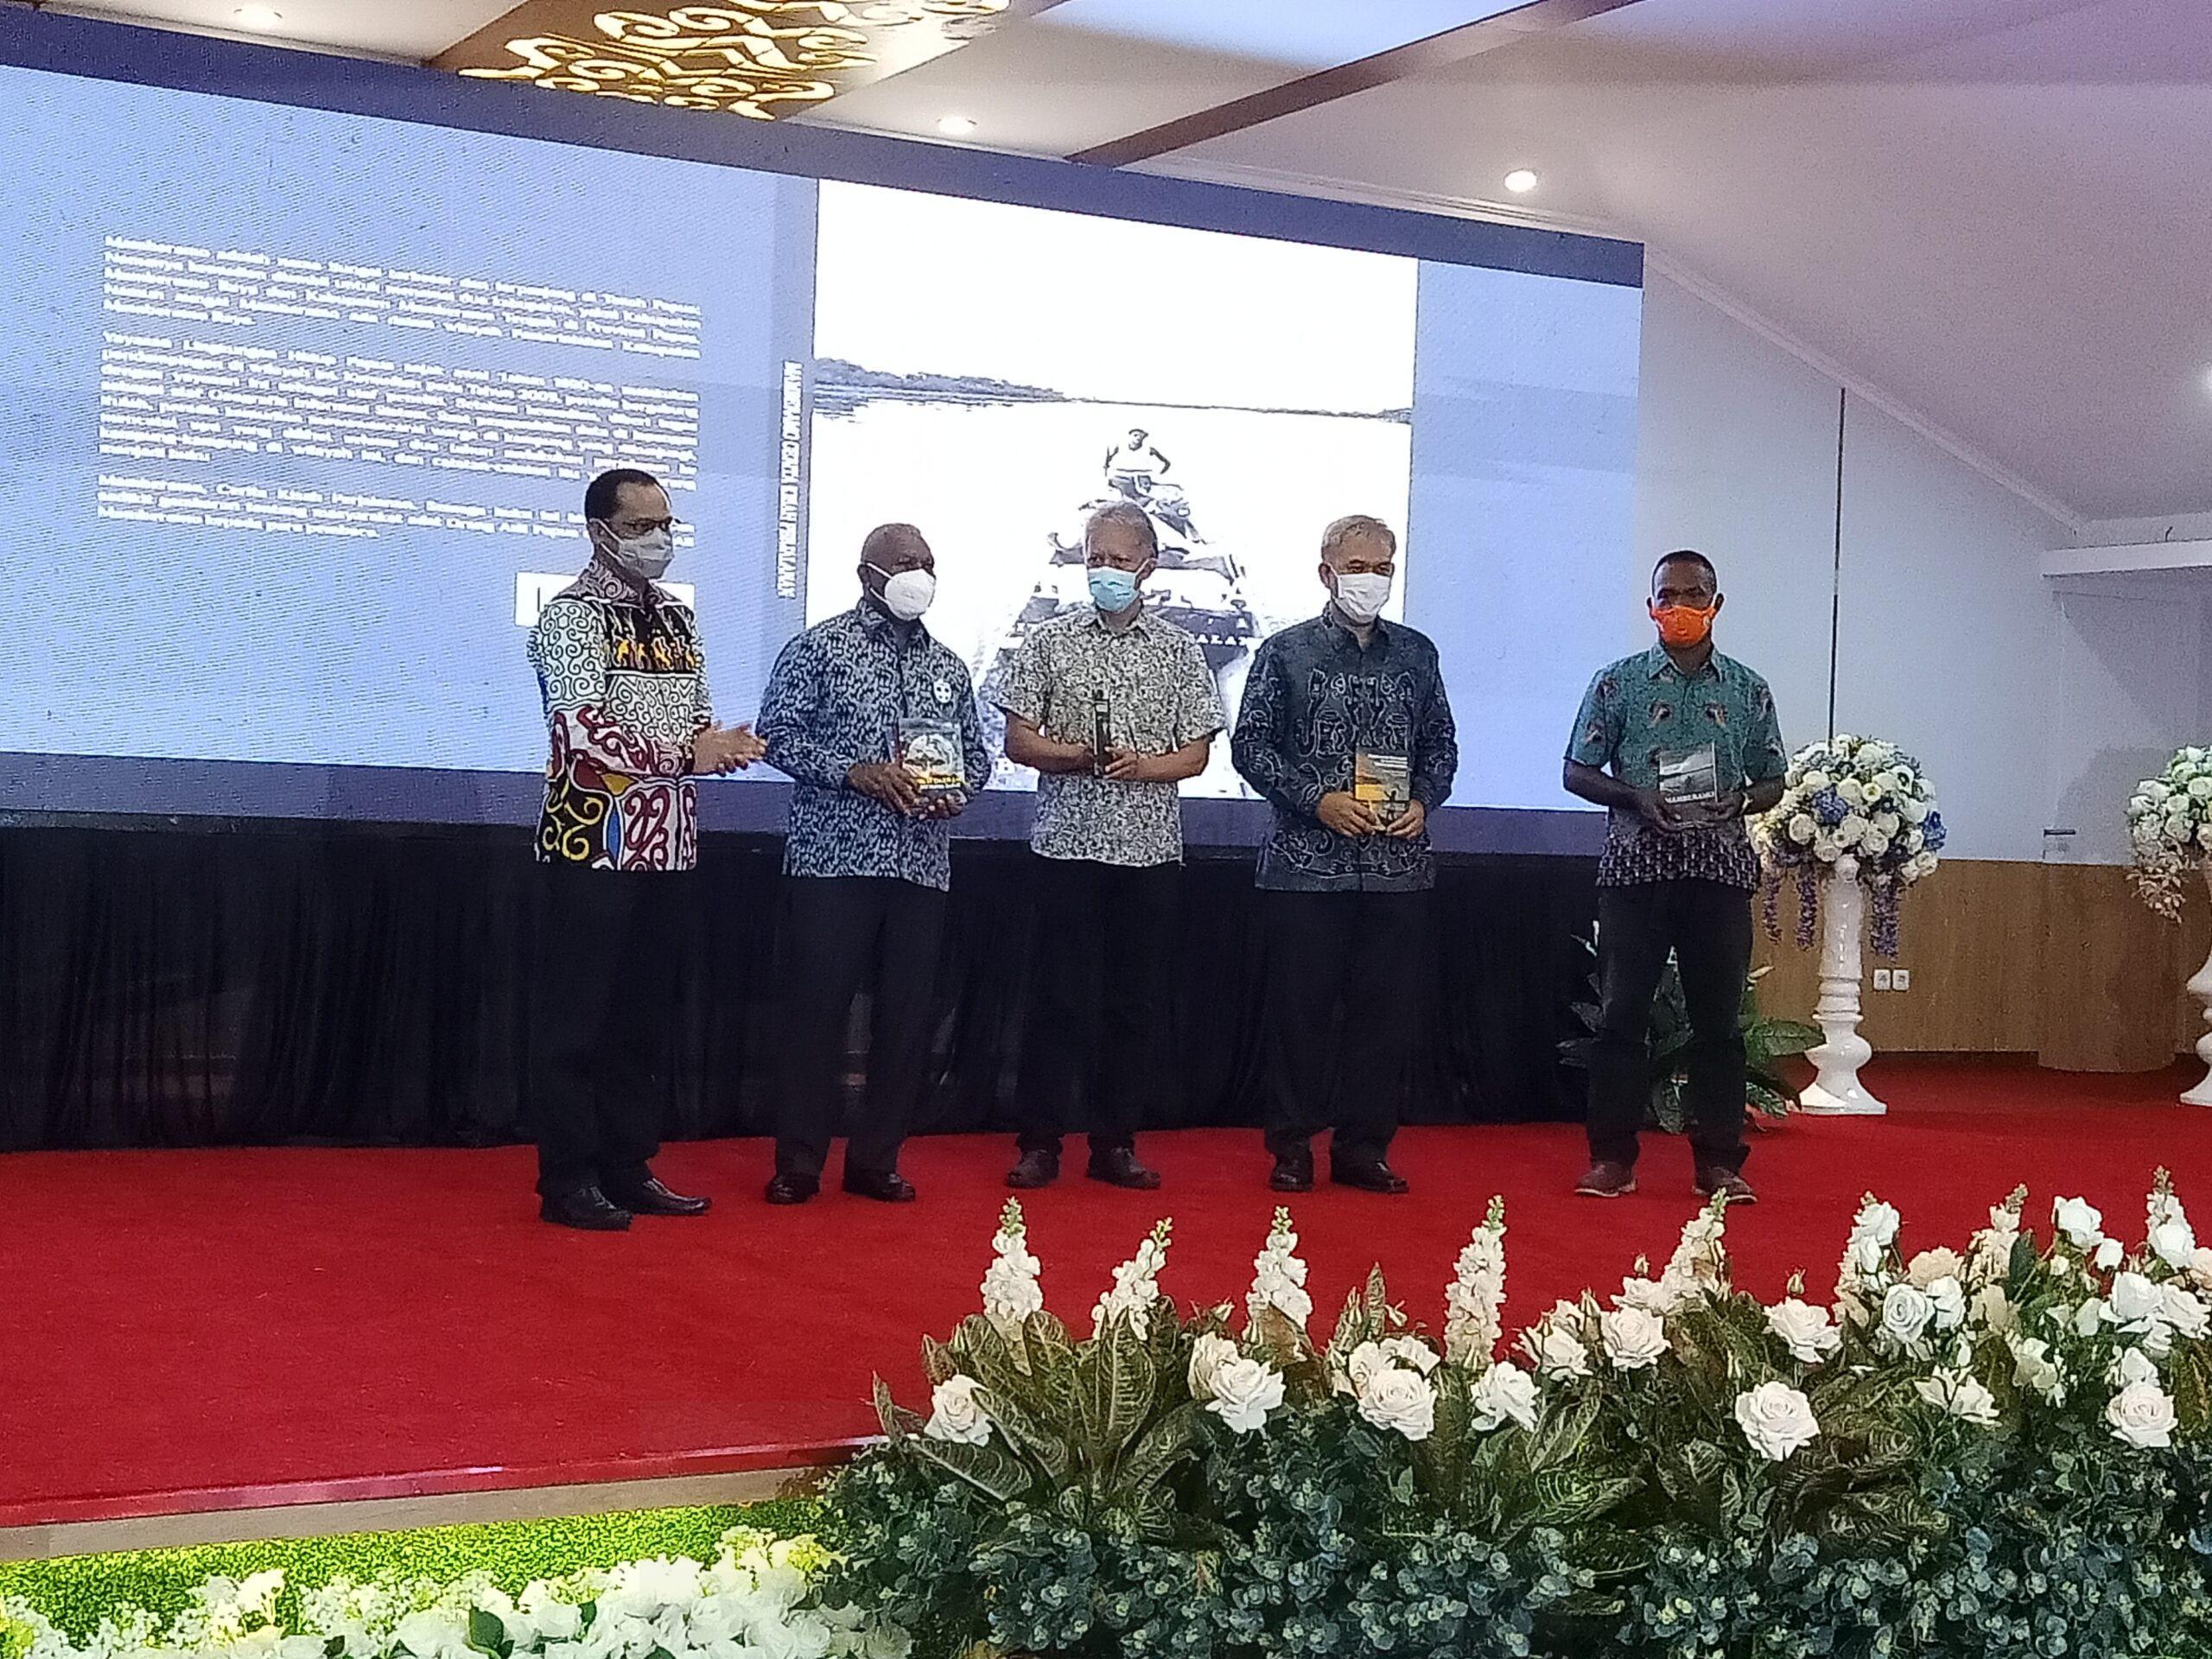 Gubernur Apresiasi 4 Tahun Balitbangda Papua Barat Hasilkan Produk Inovatif 12 IMG20210223192758 scaled